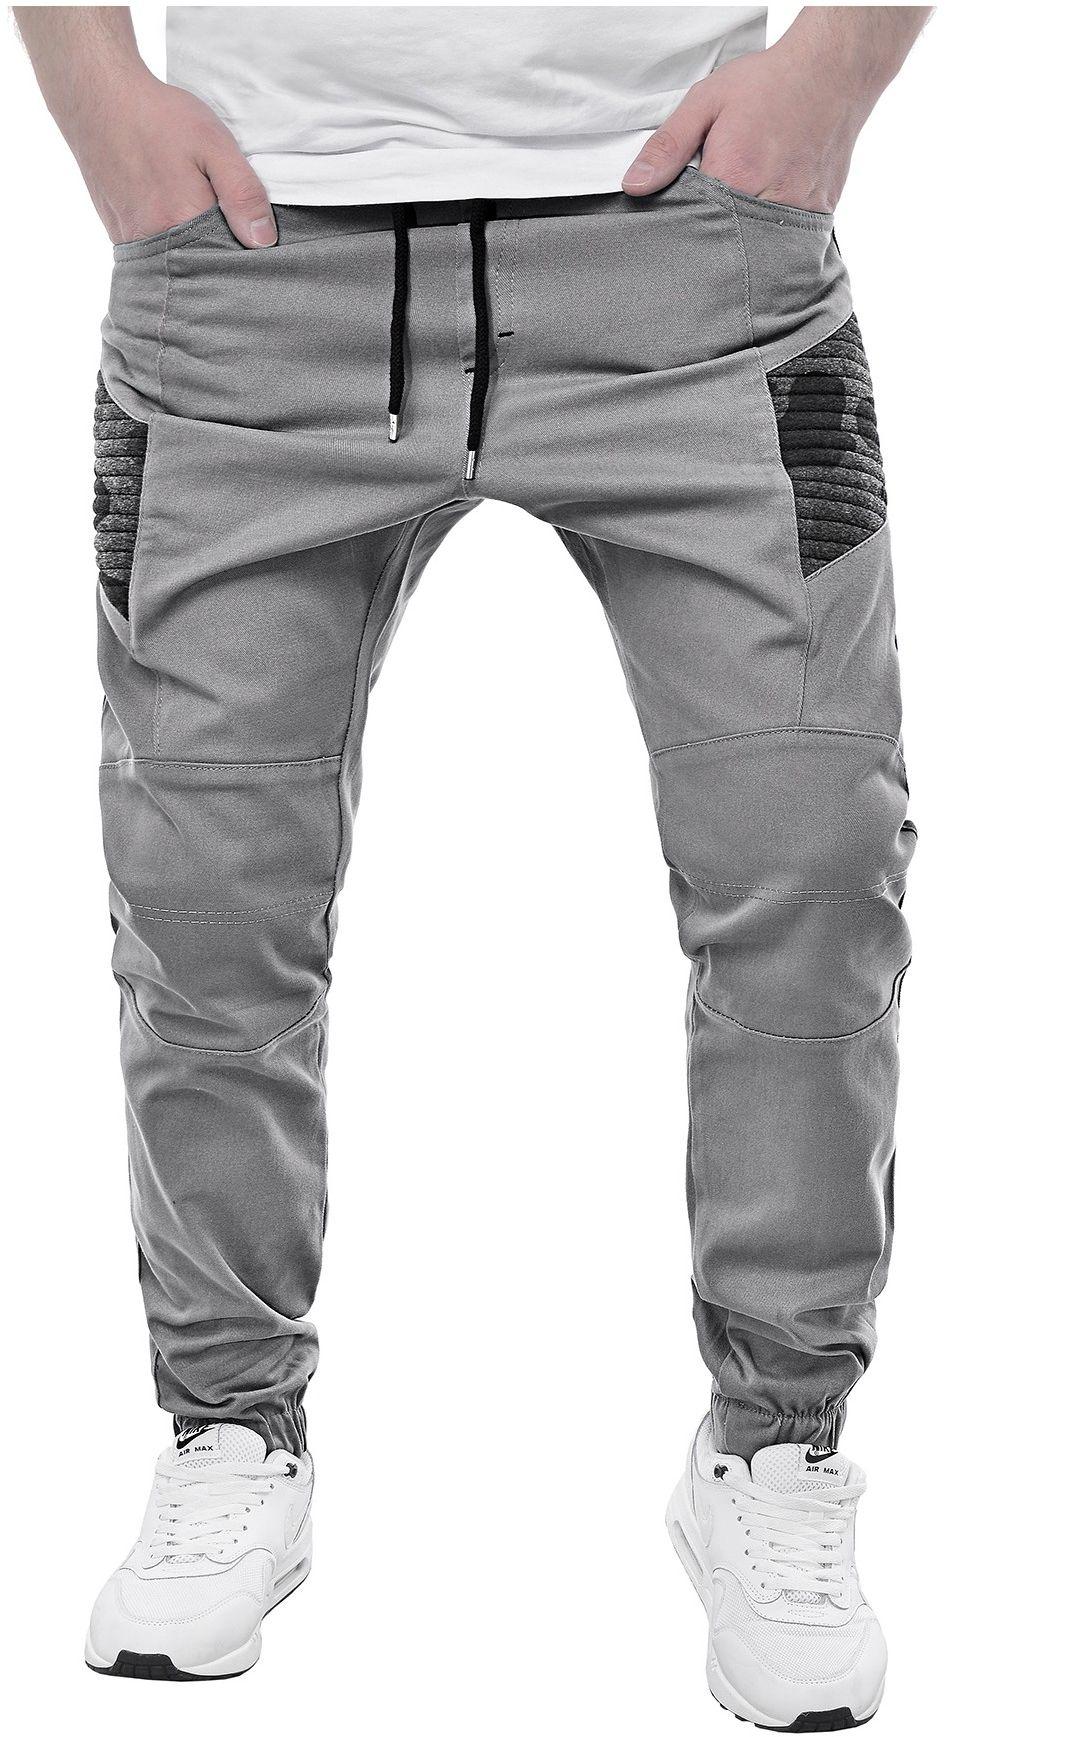 Spodnie męskie joggery 900a - szare